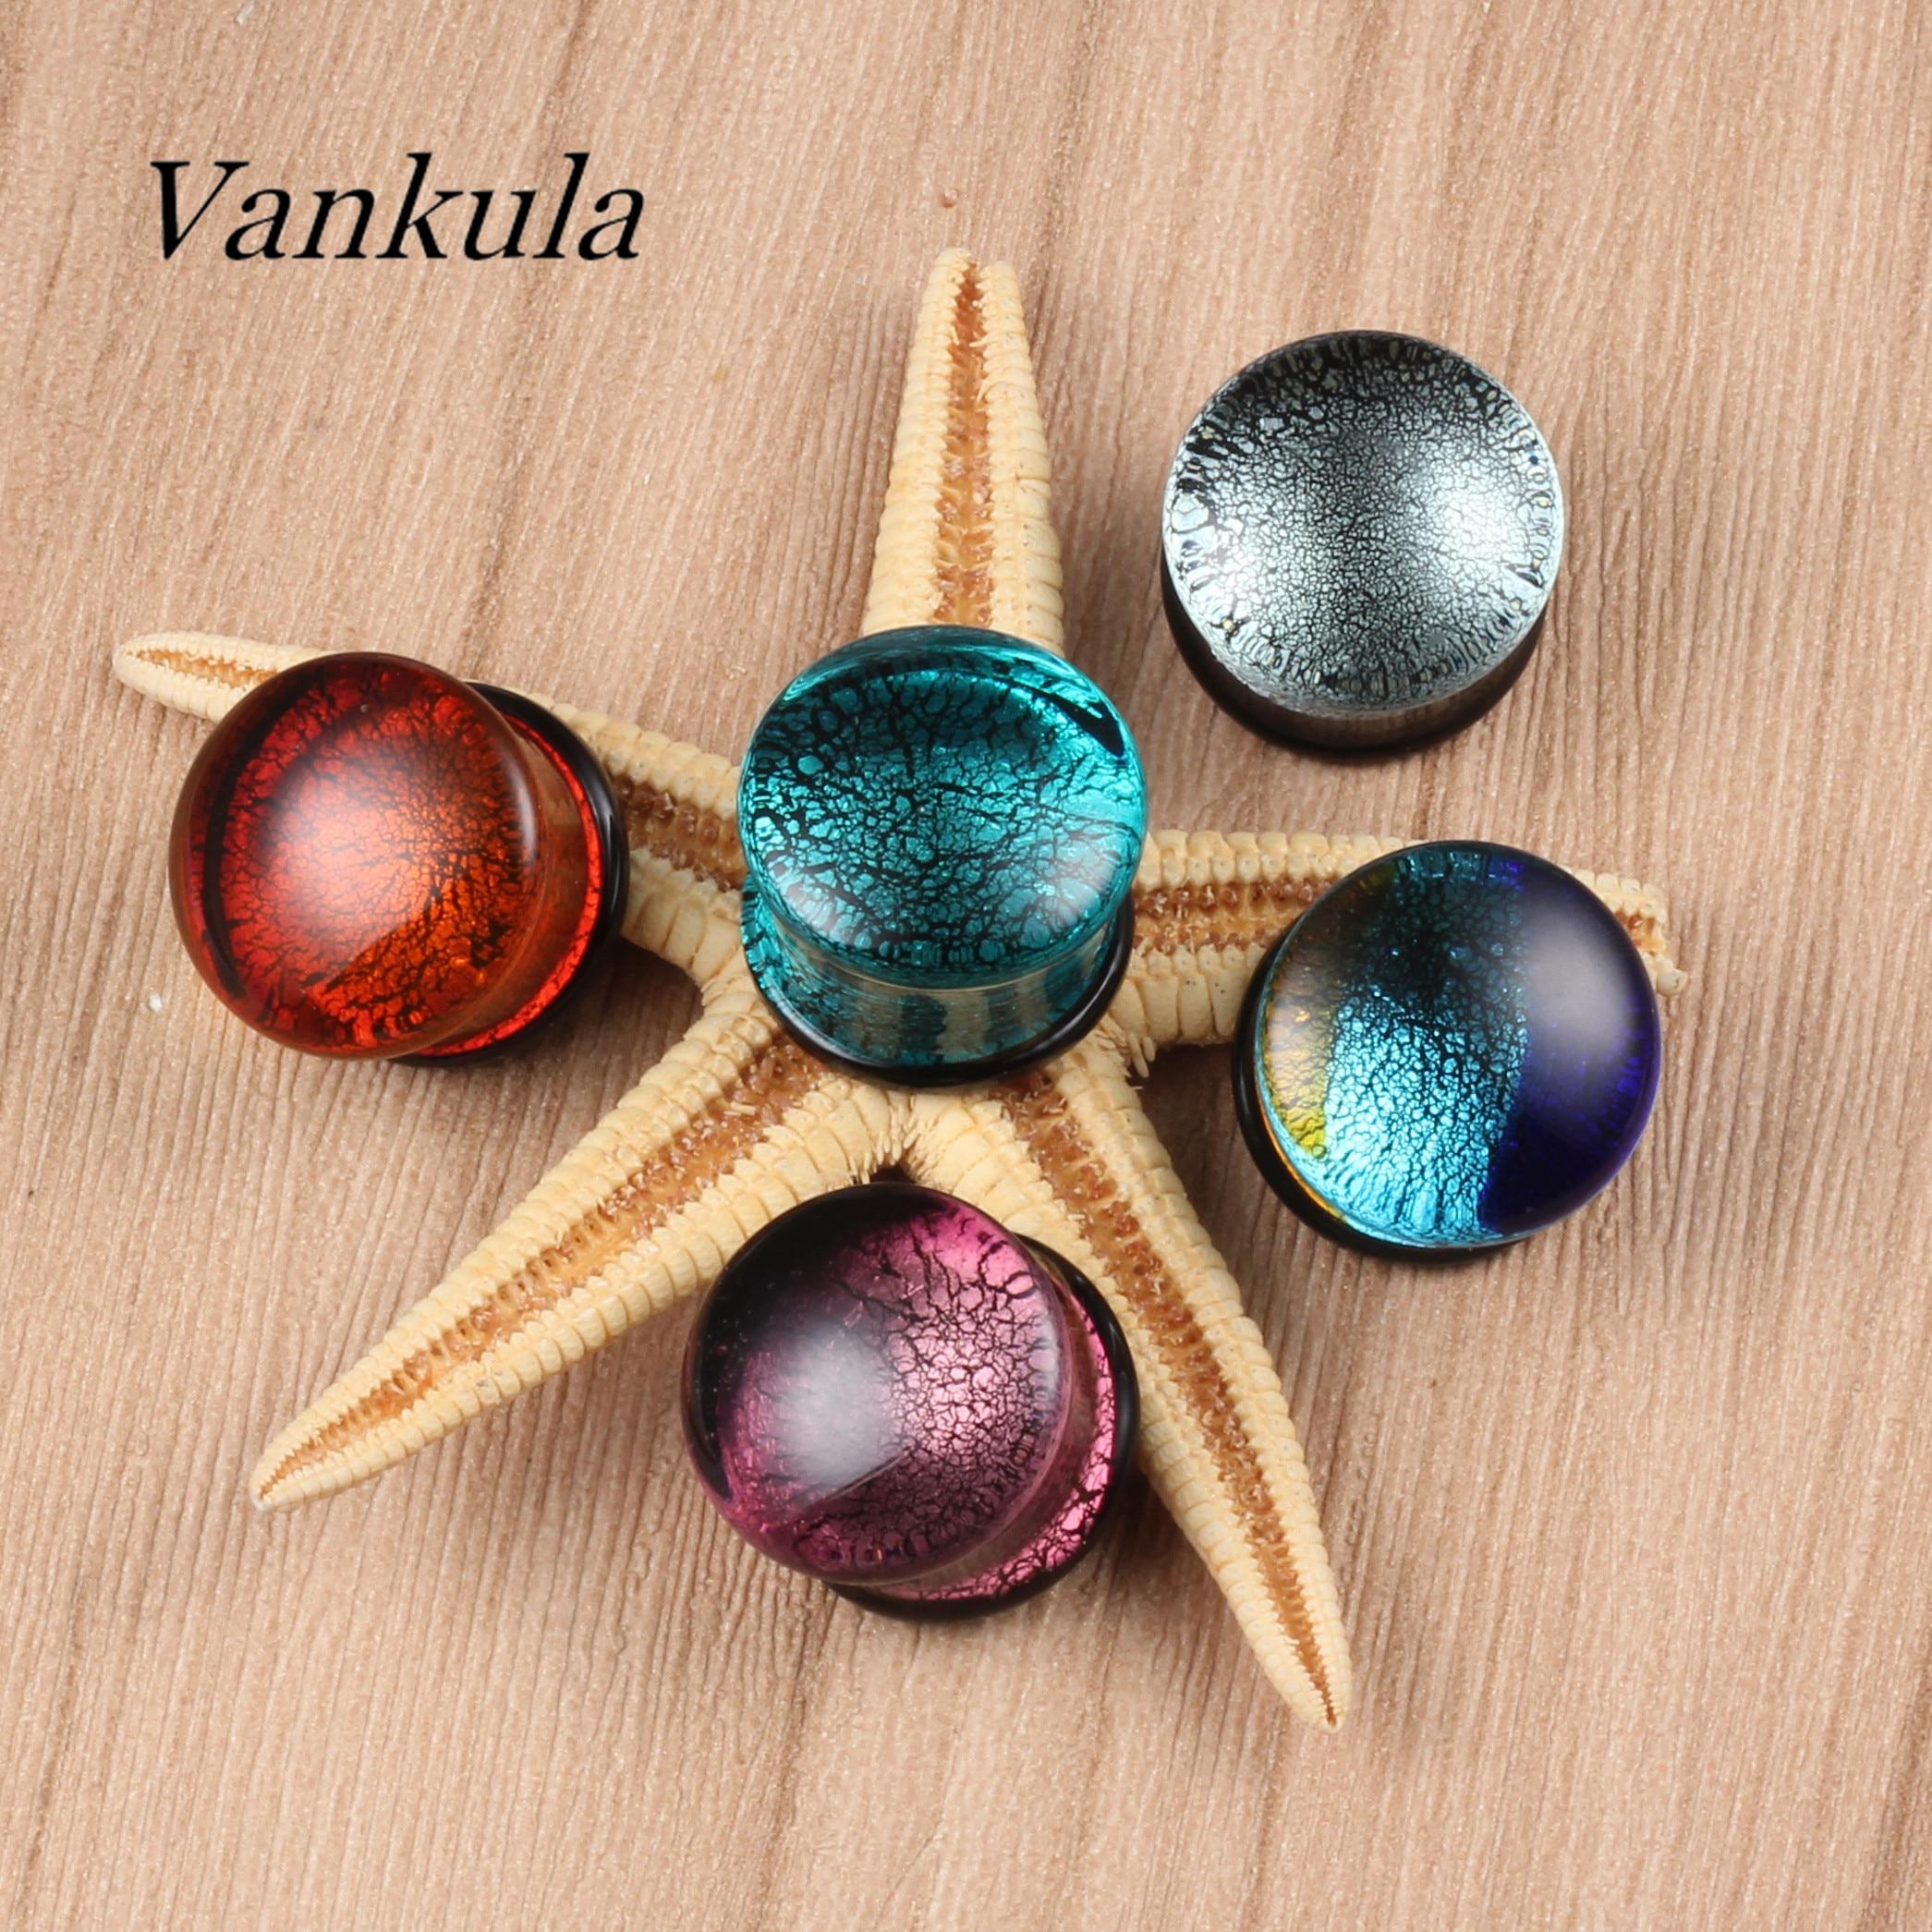 Vankula 2 uds tapones calibradores de oreja de vidrio expansor de Piercing corporal pendientes a la moda